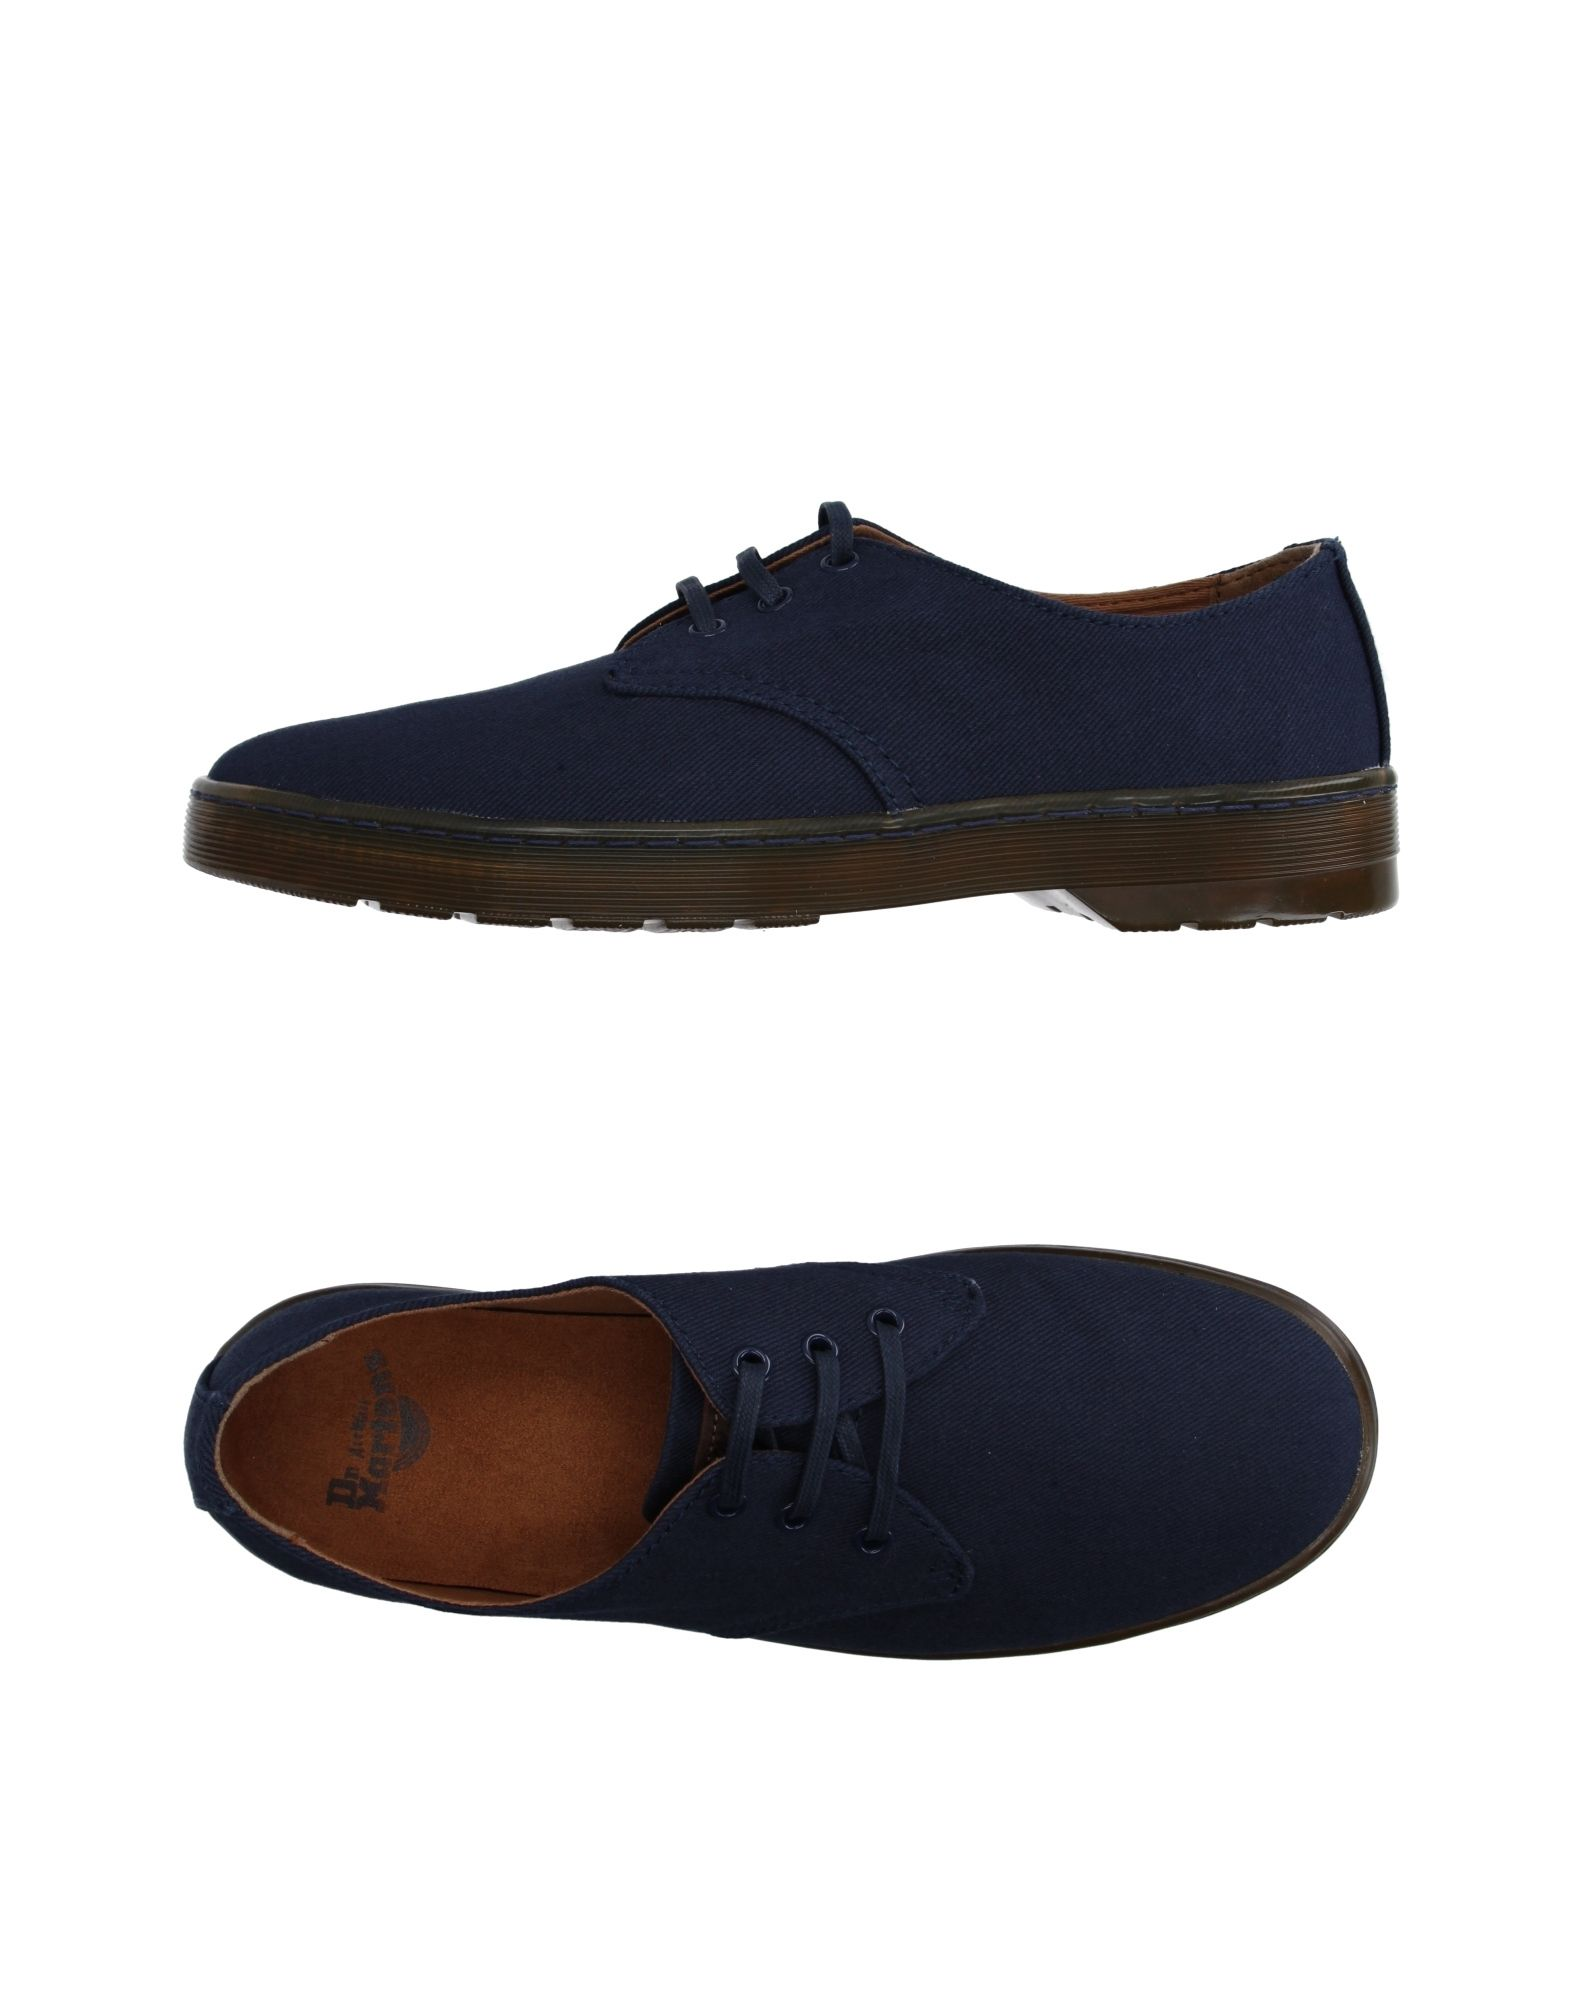 Rabatt echte Schuhe Dr. Martens Schnürschuhe Herren  11128969PN